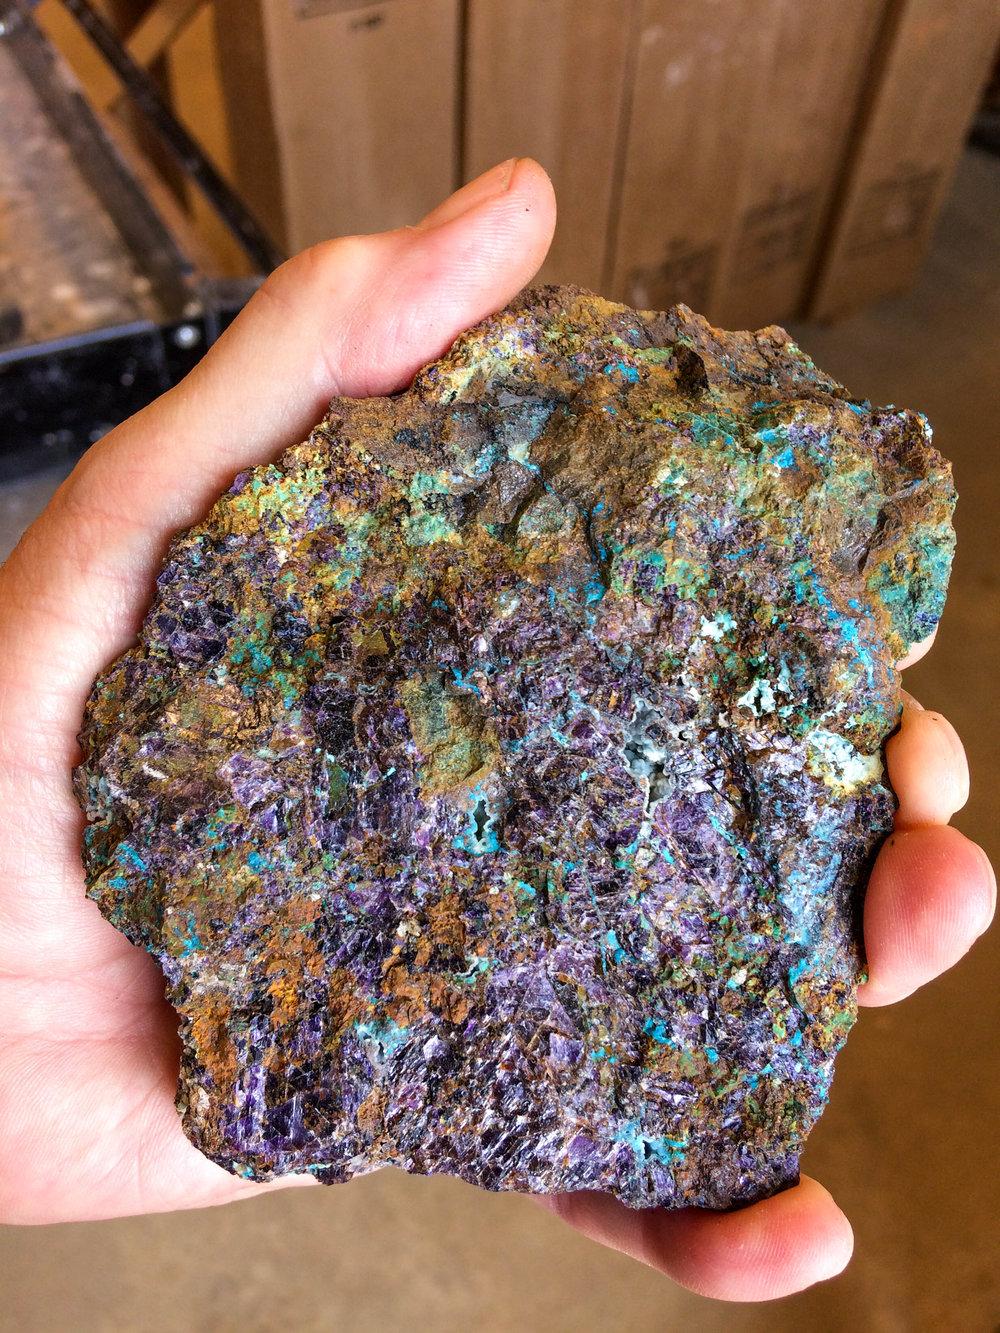 Azurite malachite flourite garnet limonite skarn